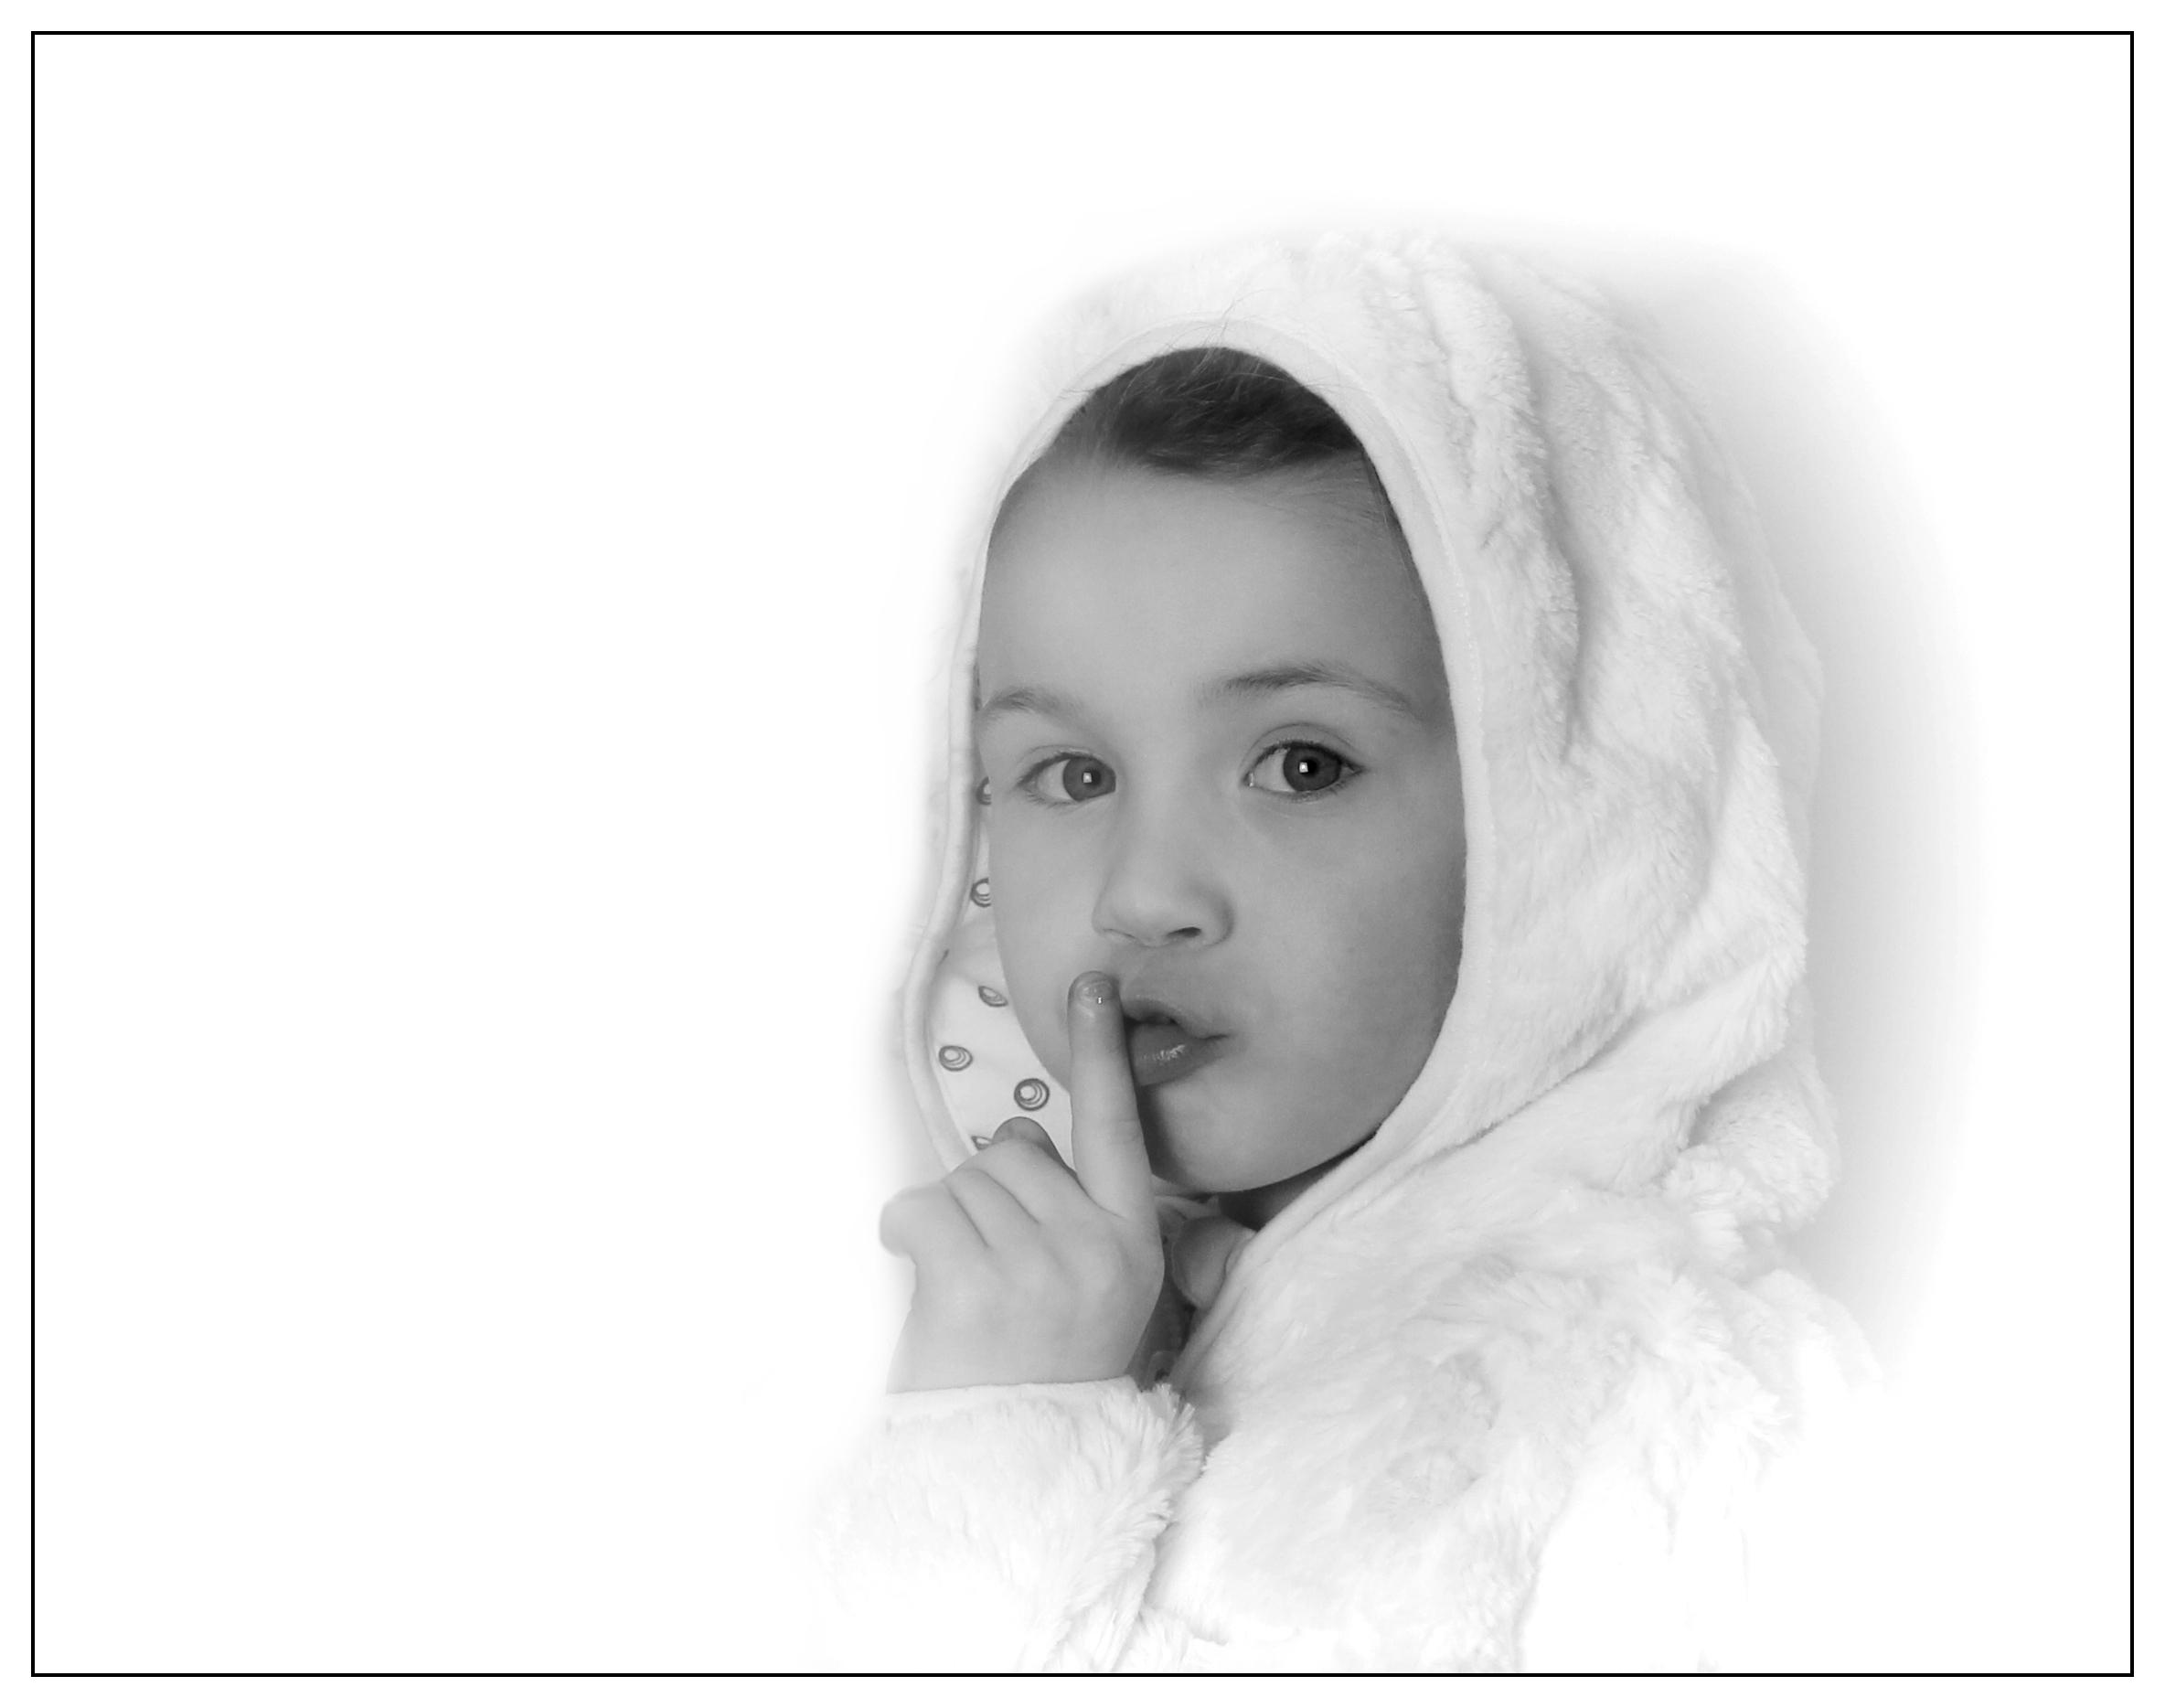 """Concours photo du mois de mars 2015 - Thème """"Le Blanc"""" - Page 2 397668HighKey"""